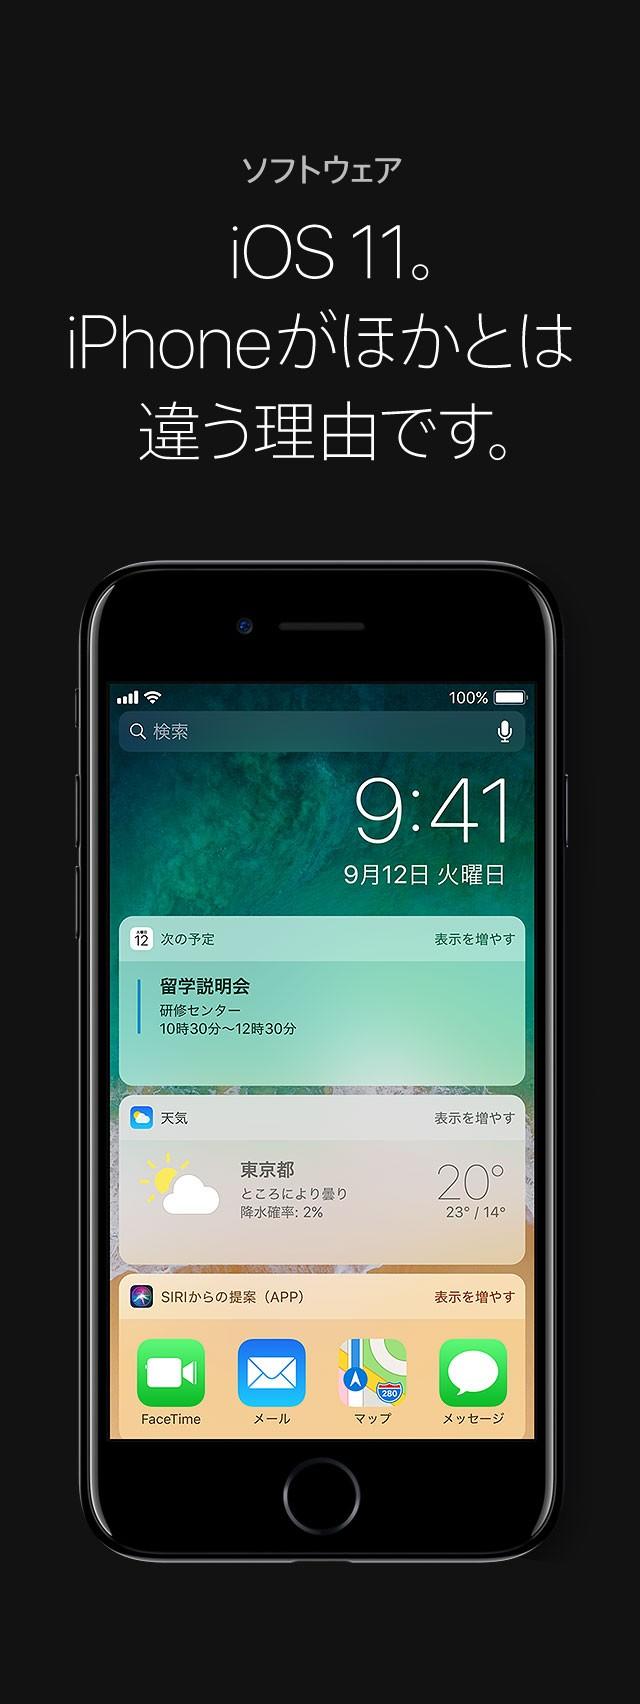 ソフトウェア  iOS 11。iPhoneがほかとは違う理由です。